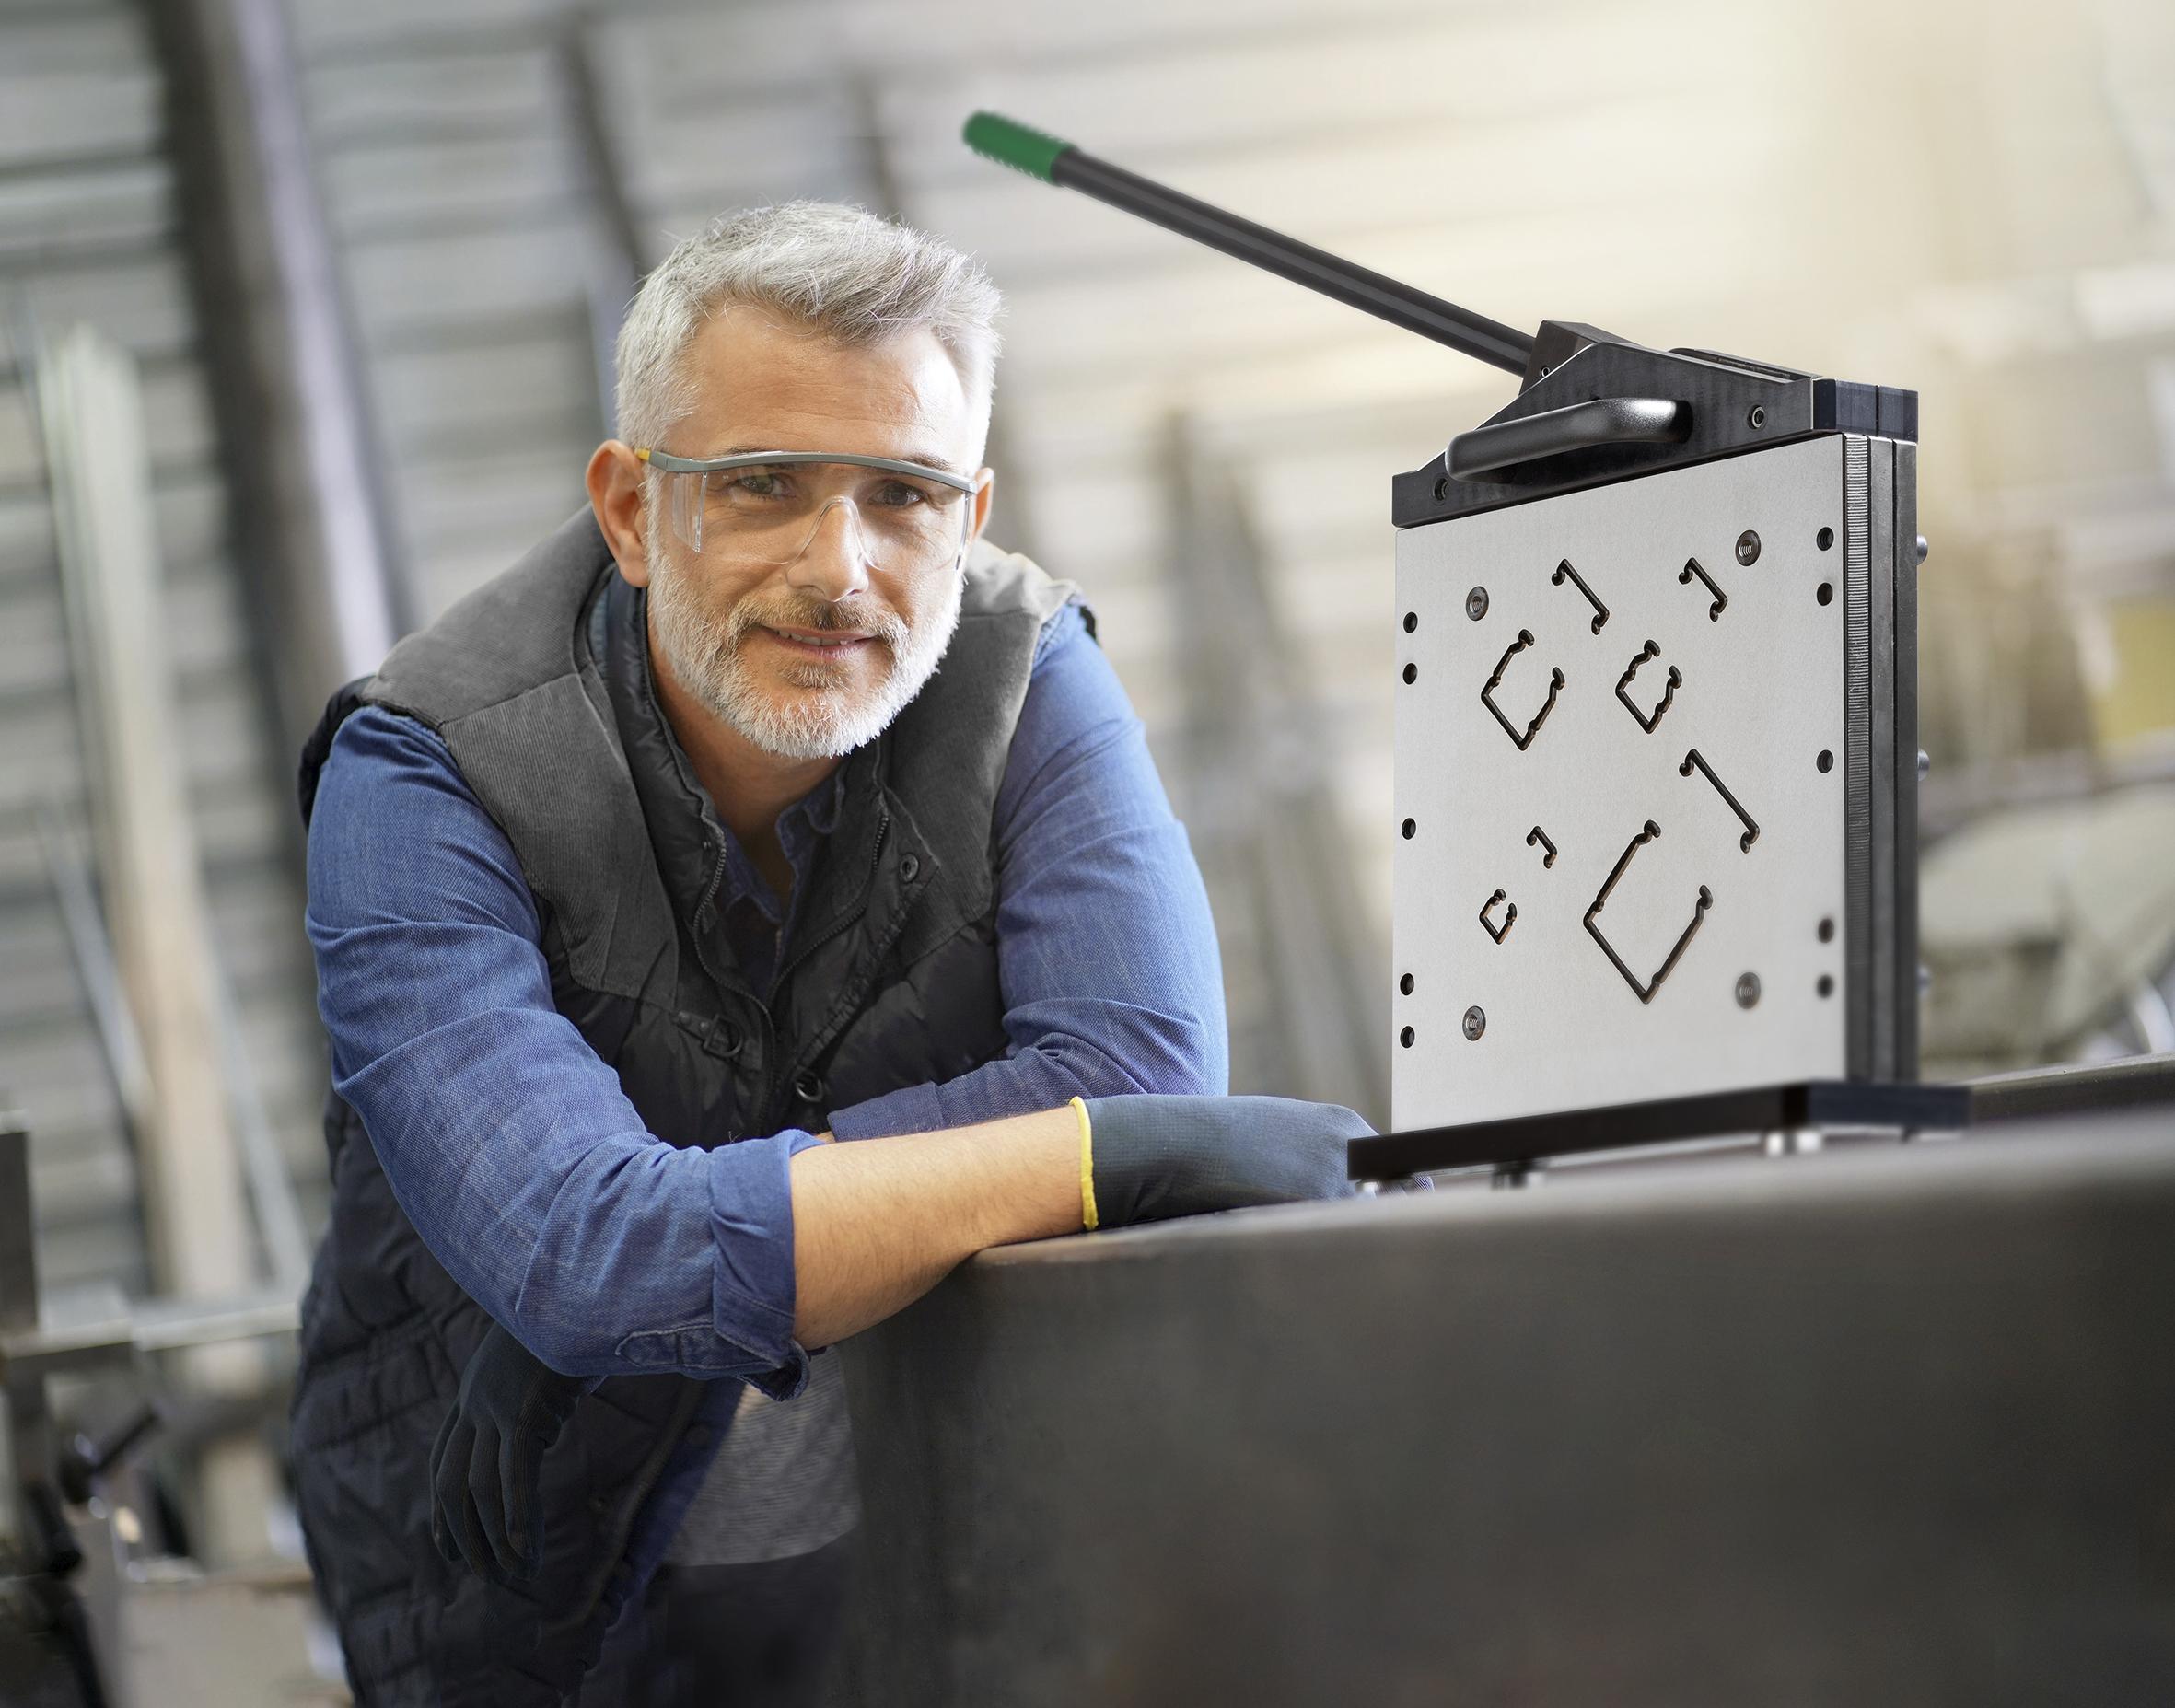 Maschinen für effiziente Kabelkanalbearbeitung